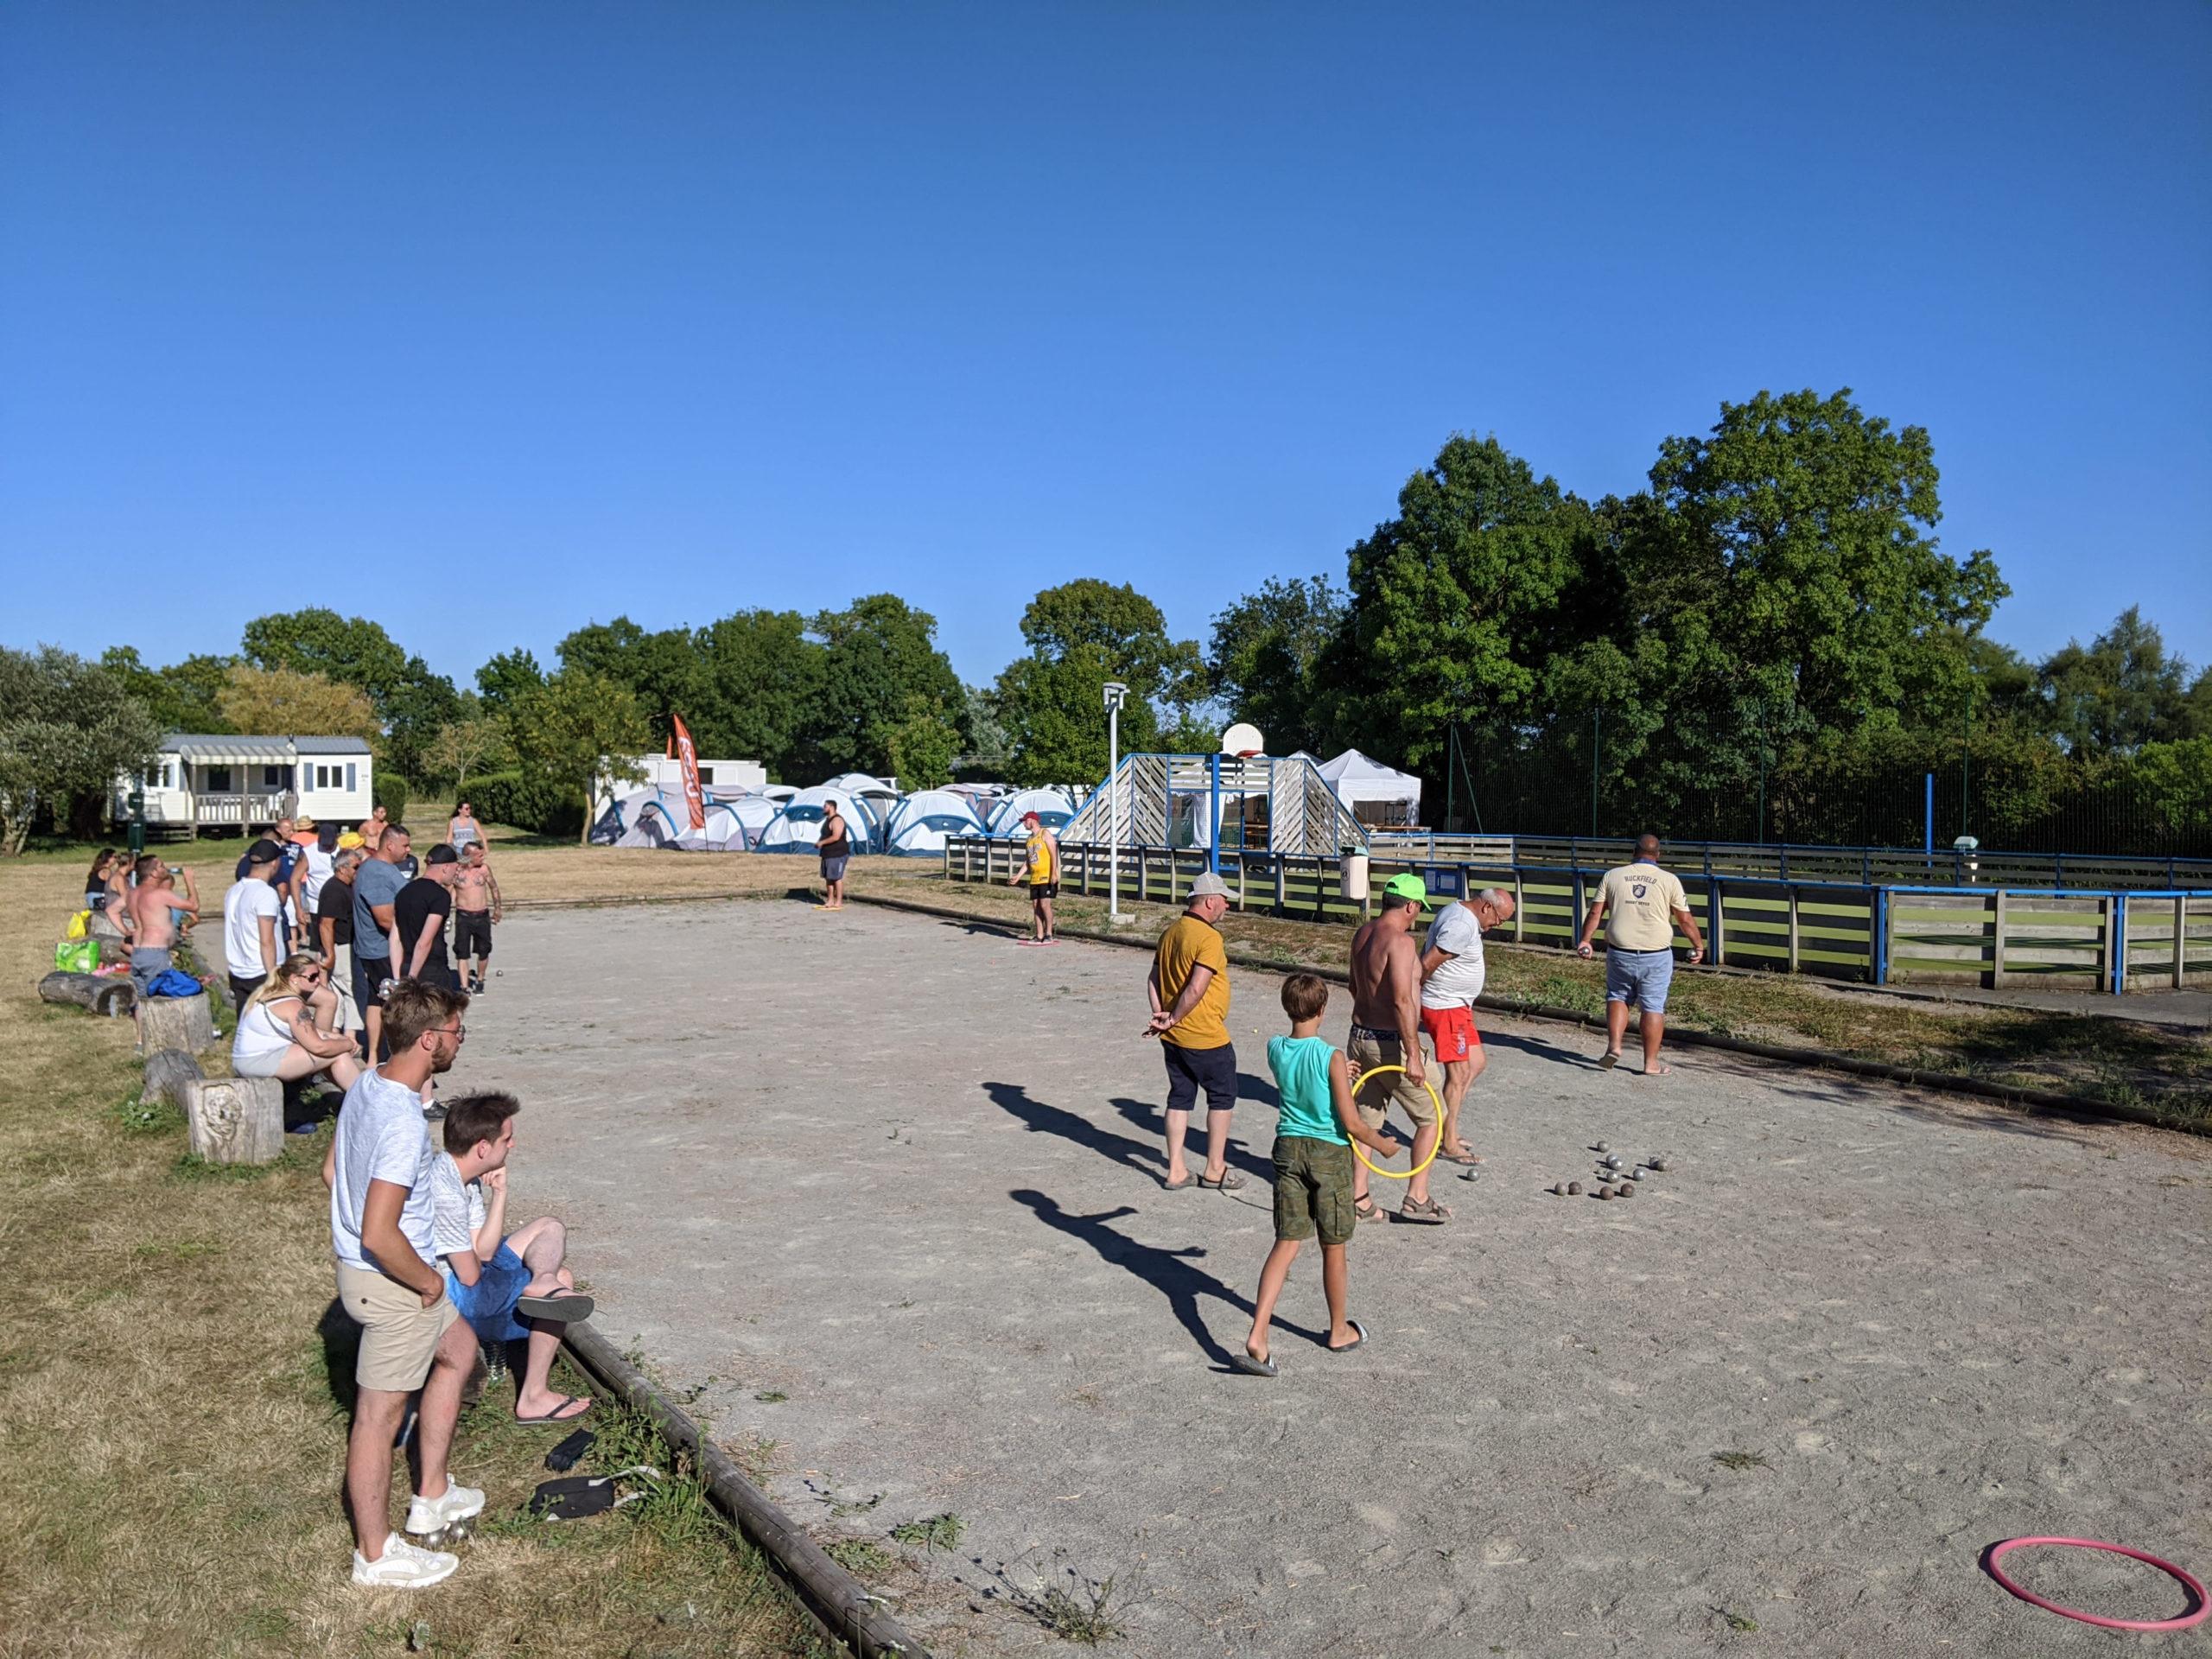 petanque-concours--camping-en-famille-le-port-de-moricq